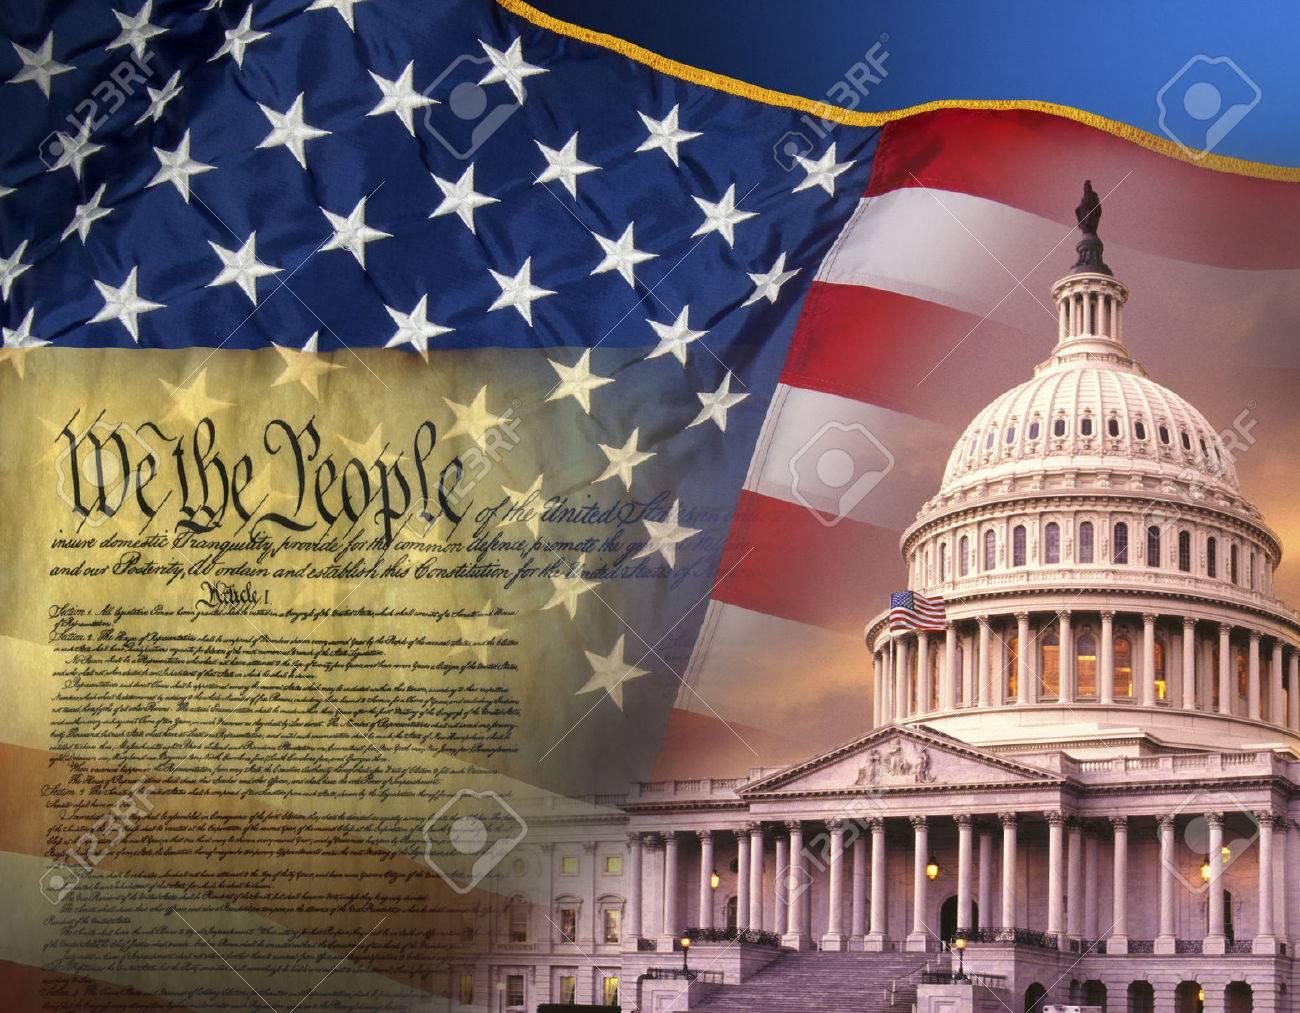 Patriotic Symbols of the United States of America - 29843803